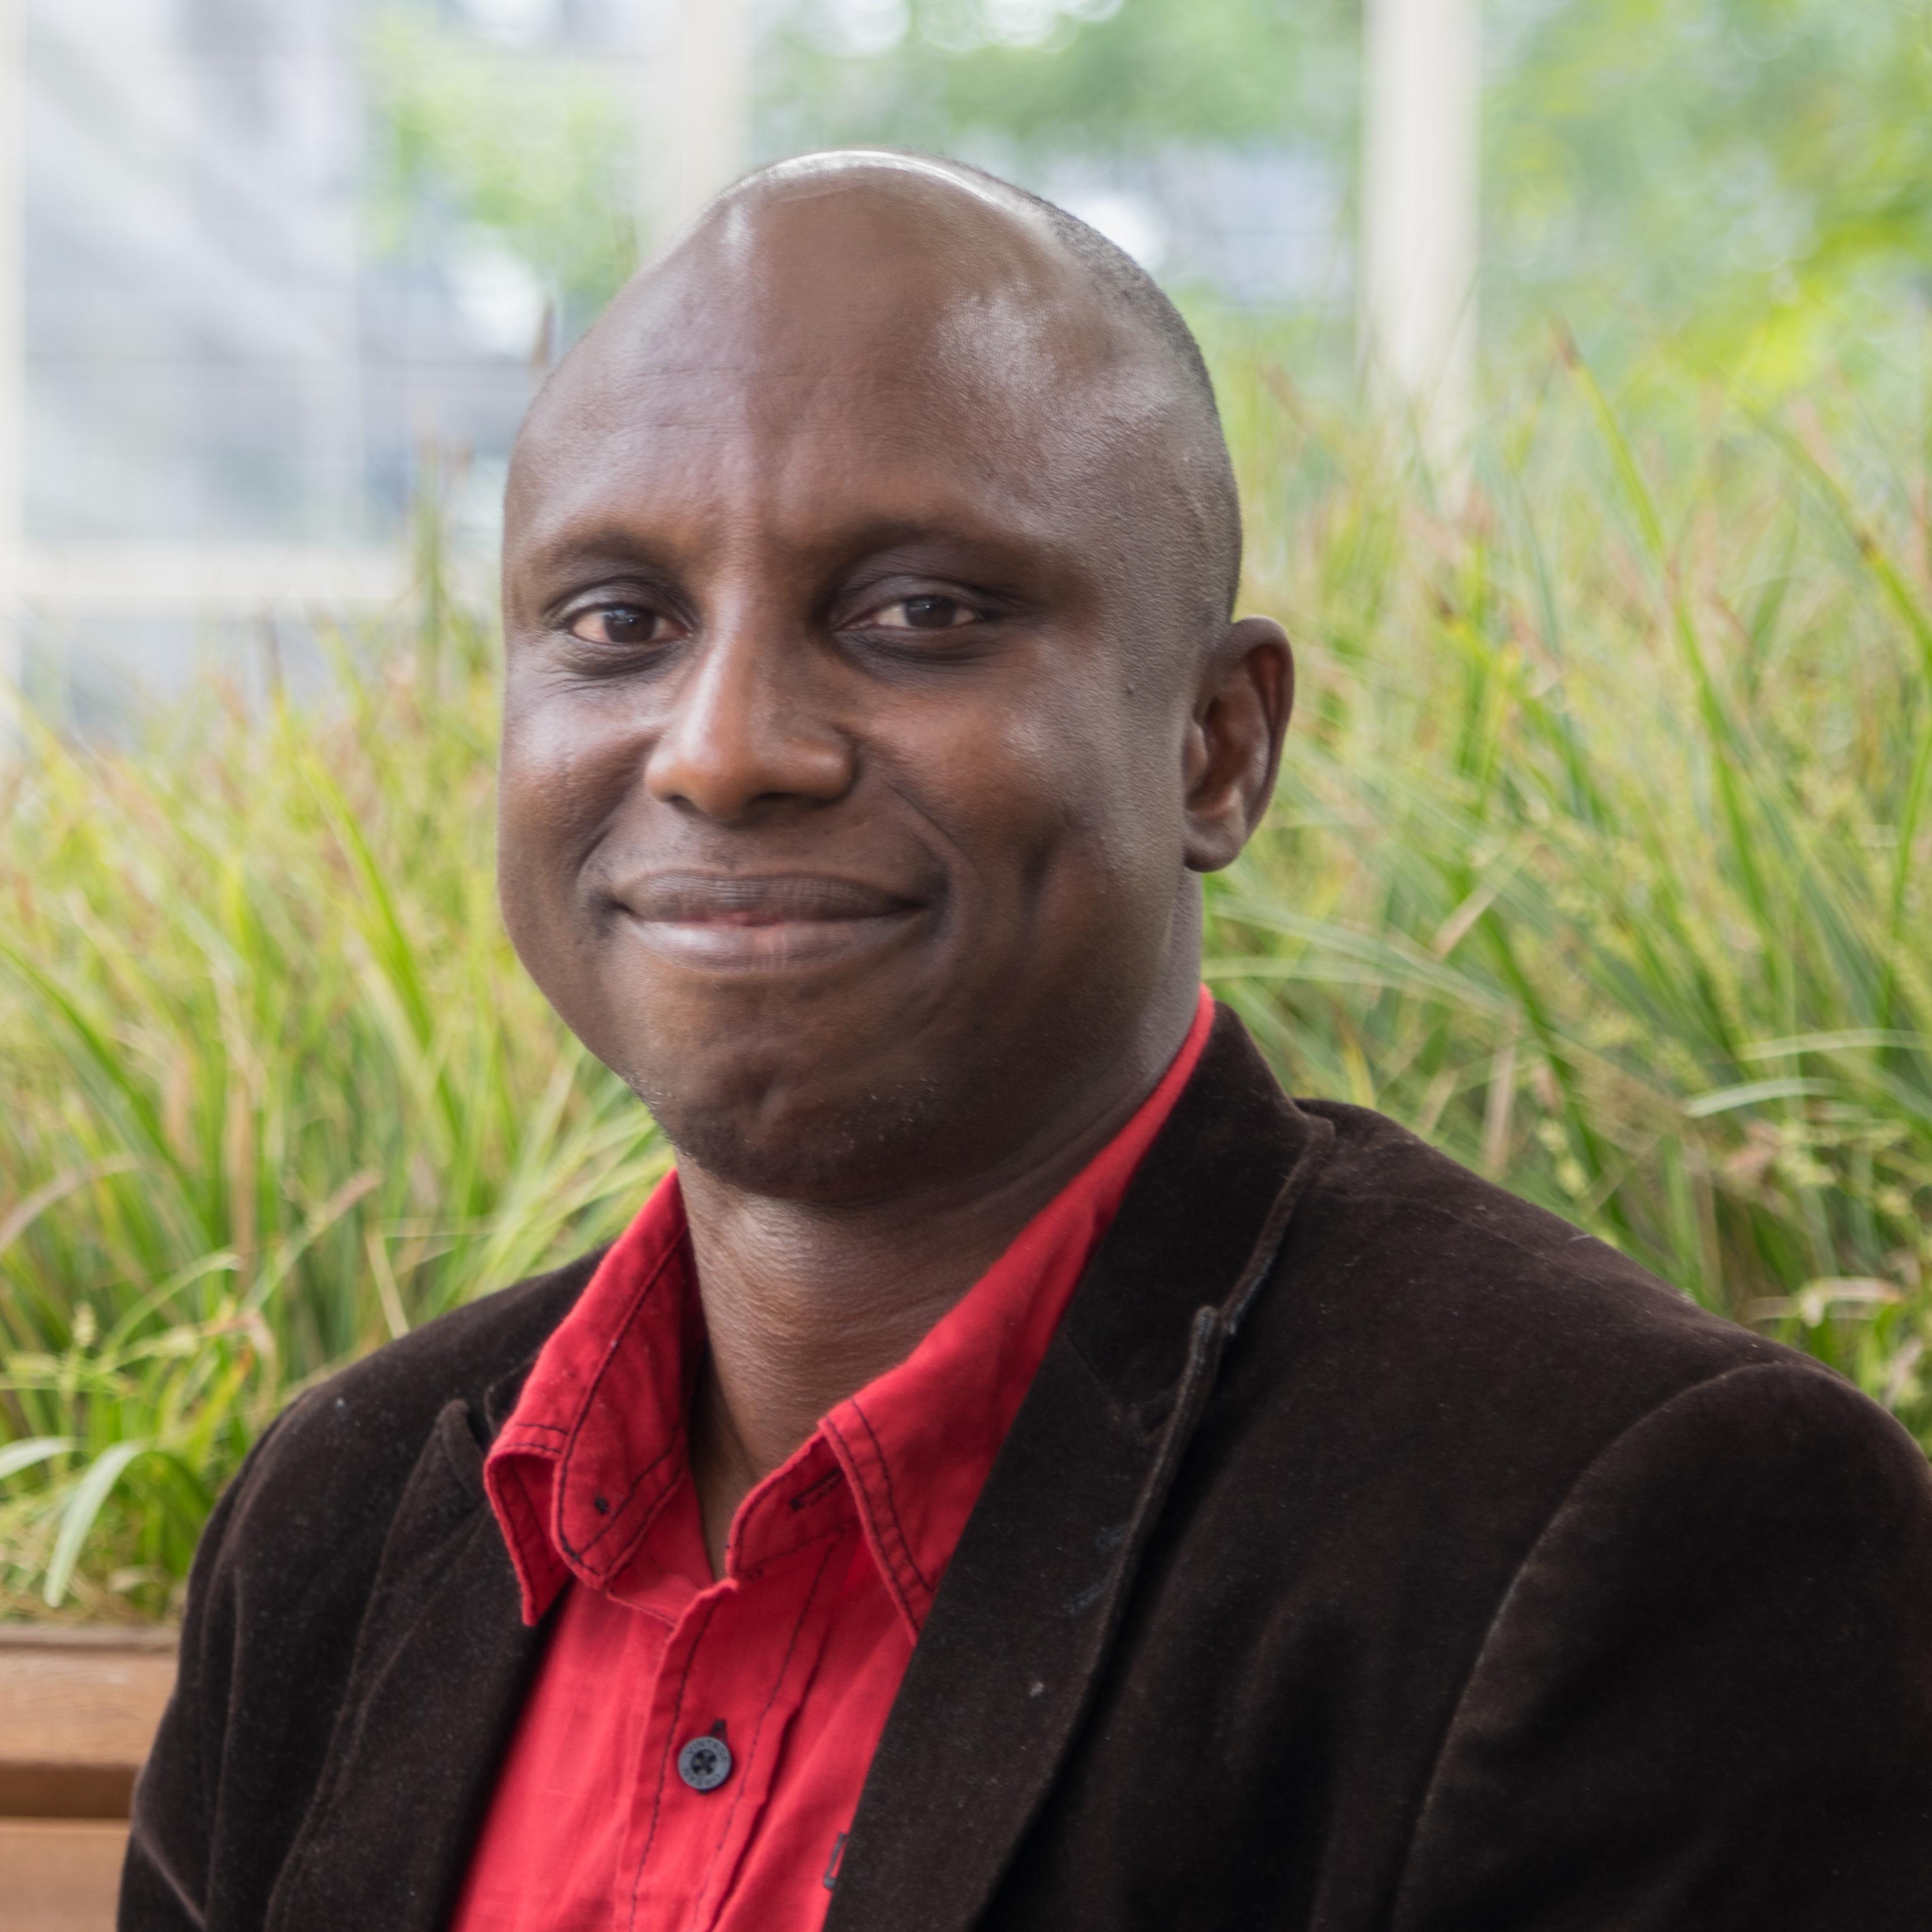 Samuel Sojinu